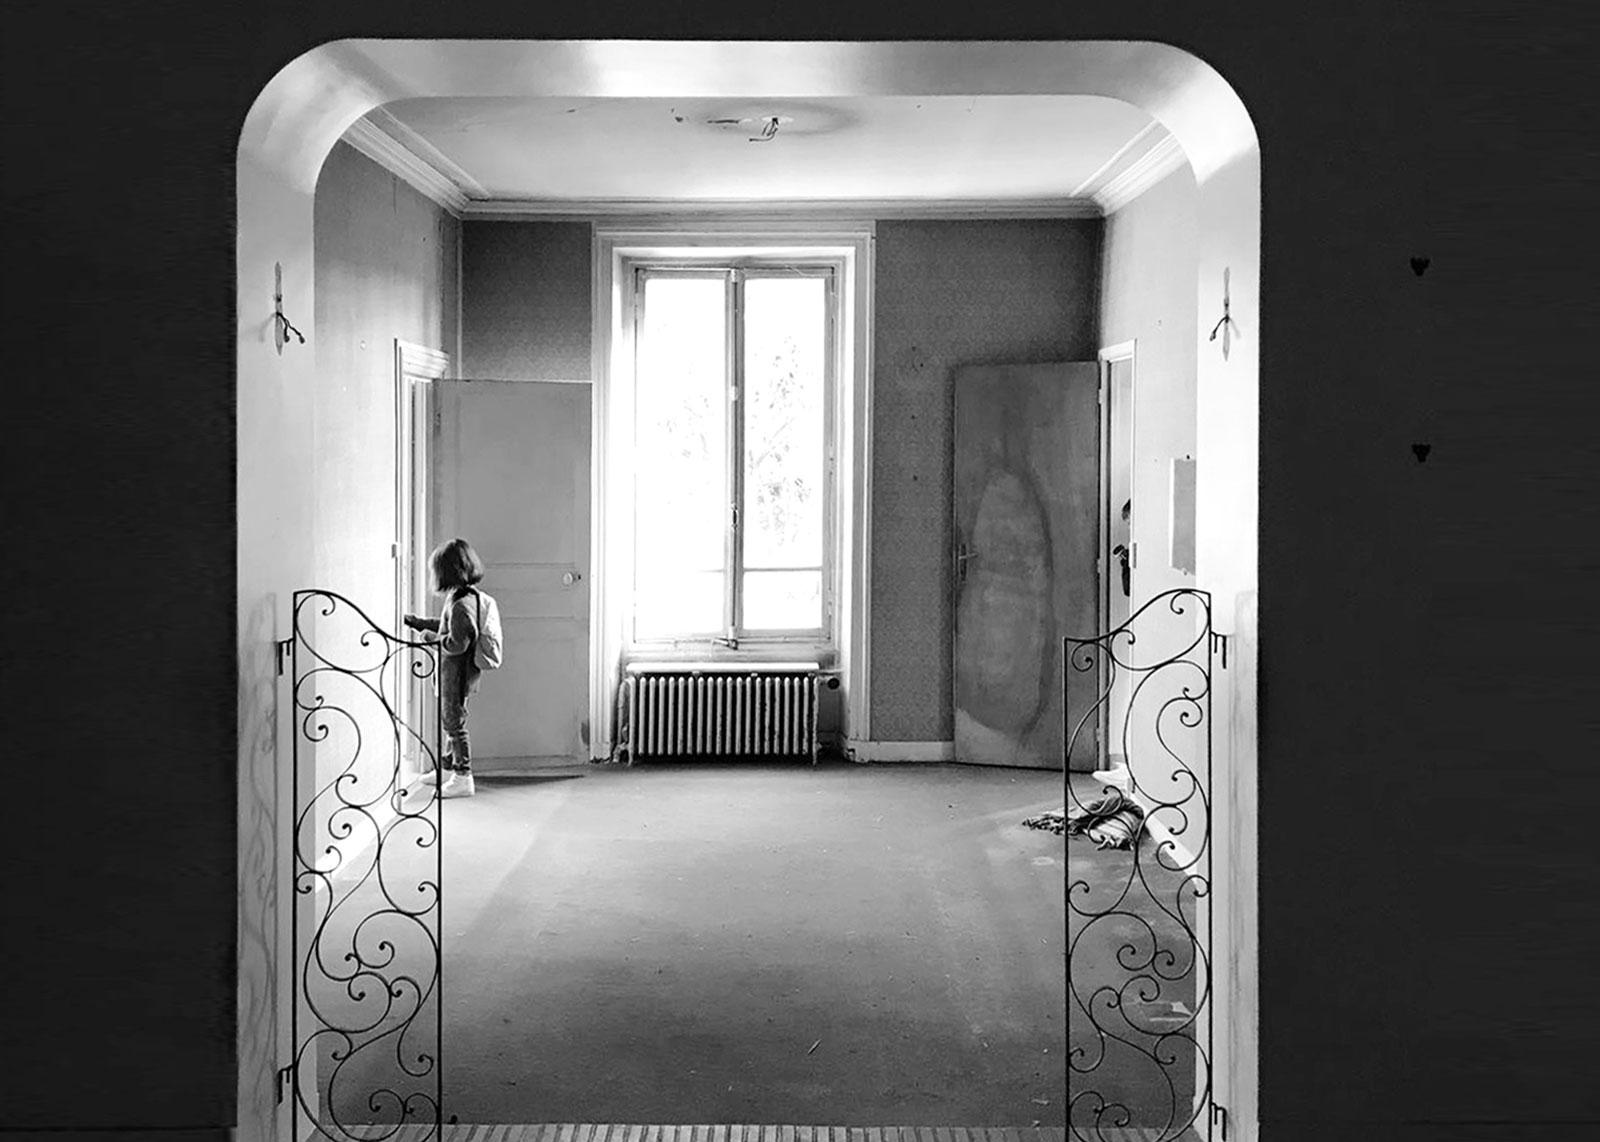 maison S - heros architecture architecte intérieur parisien paris appartement logement rénovation réhabilitation extension restructuration minimaliste design épuré le perreux sur marne maison surélévation